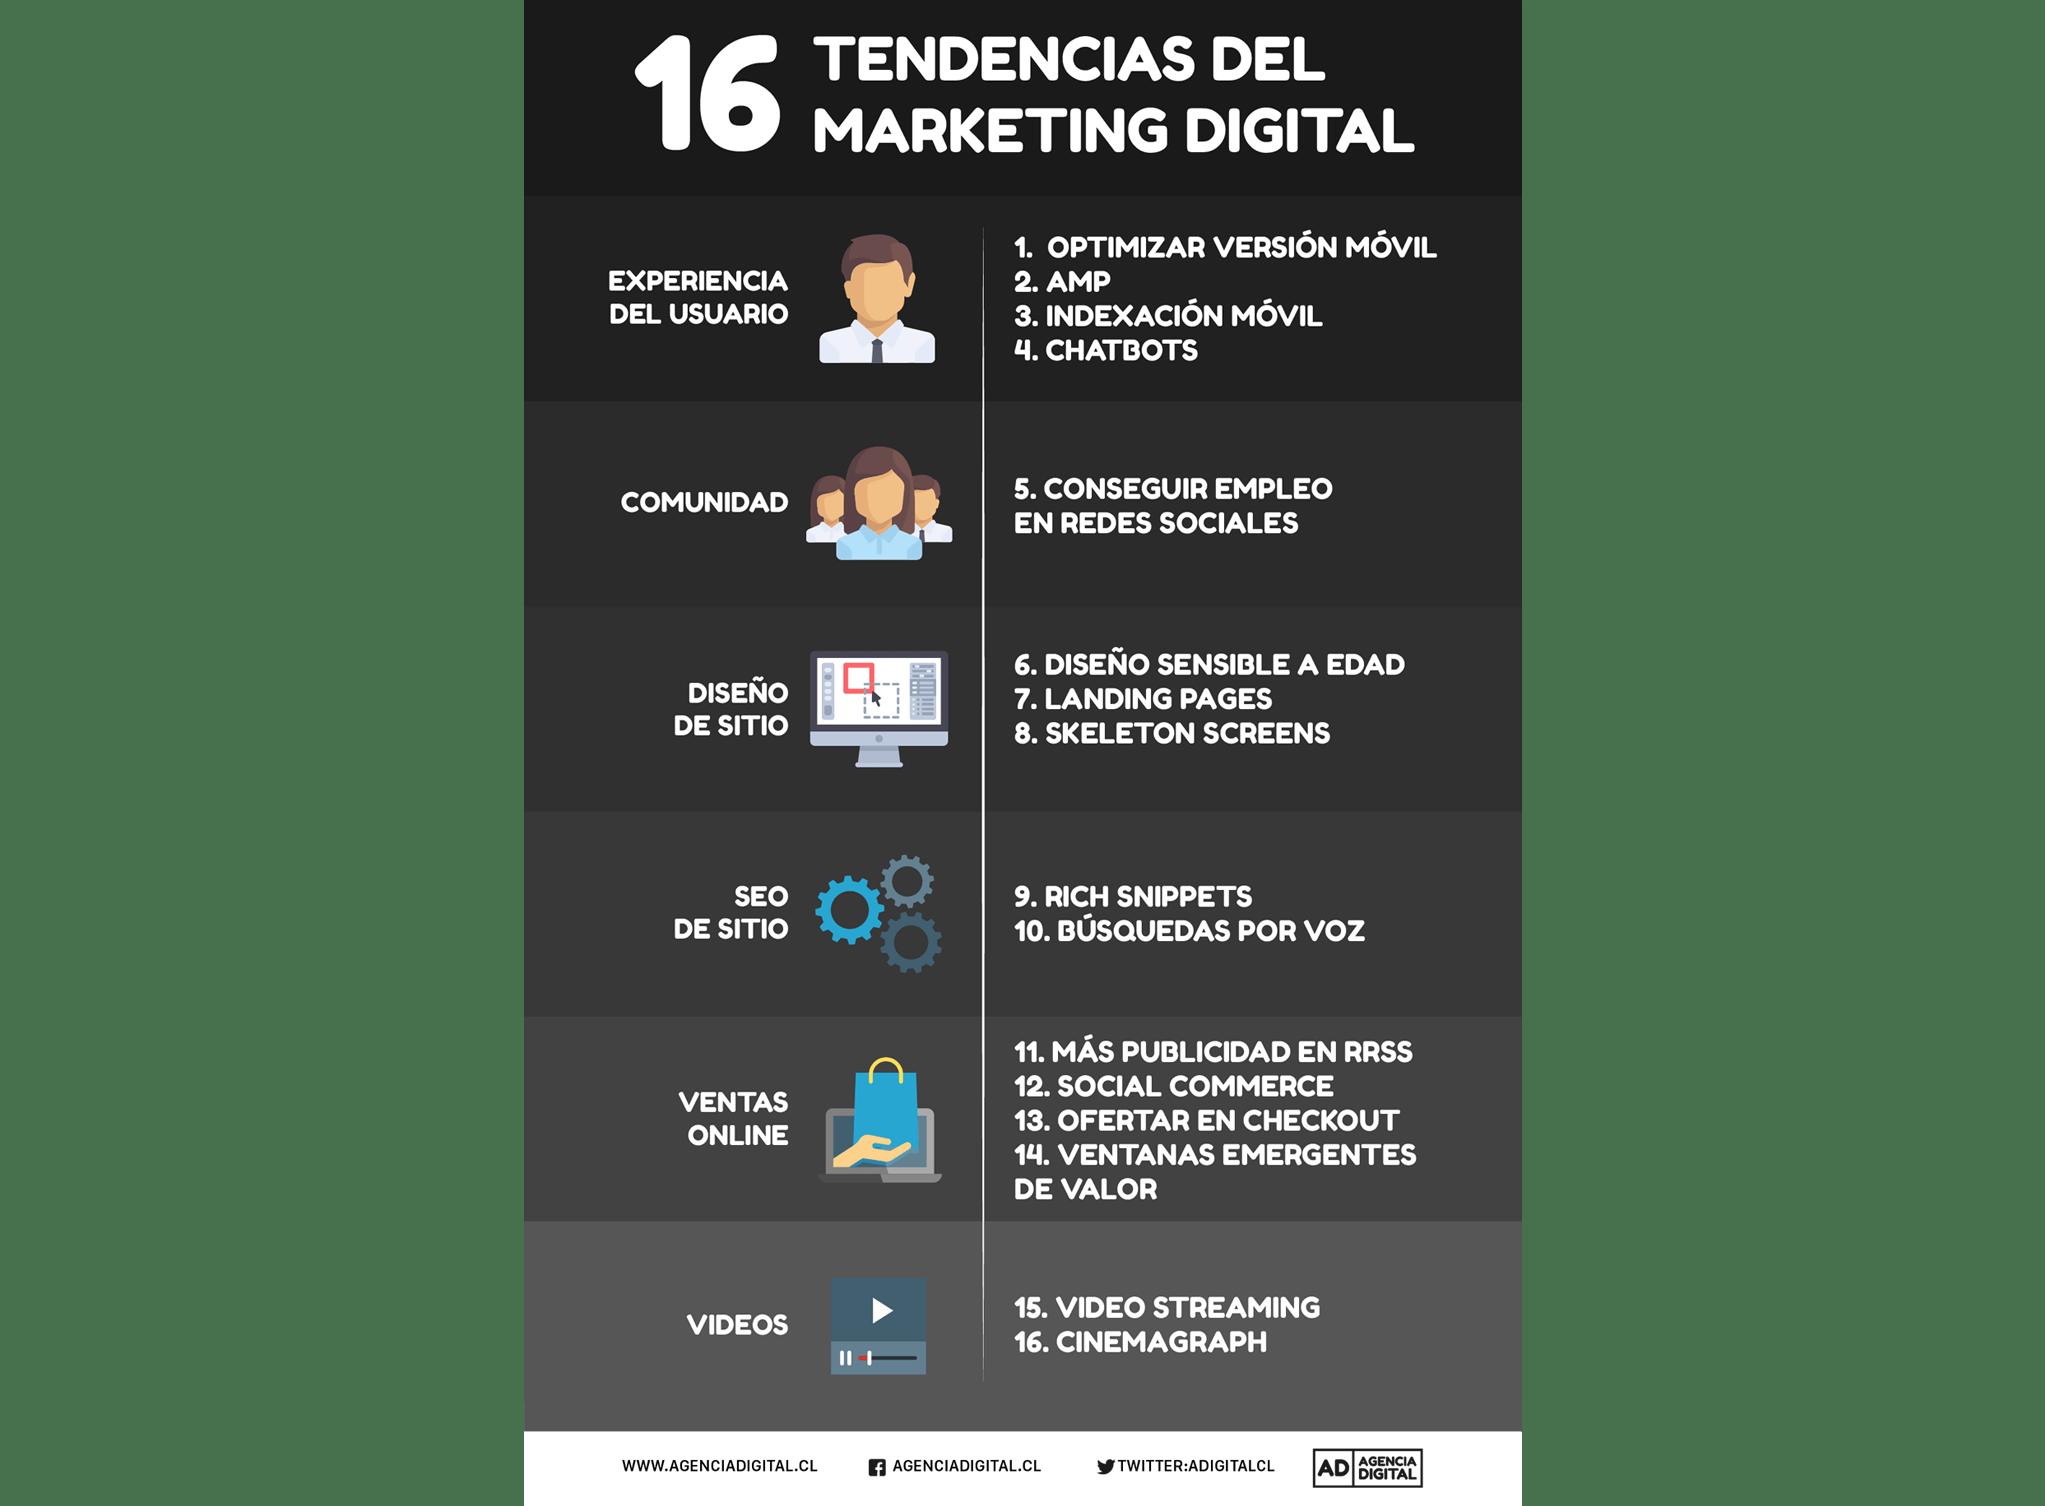 marketing digital tendencias, infografía tendencias digital